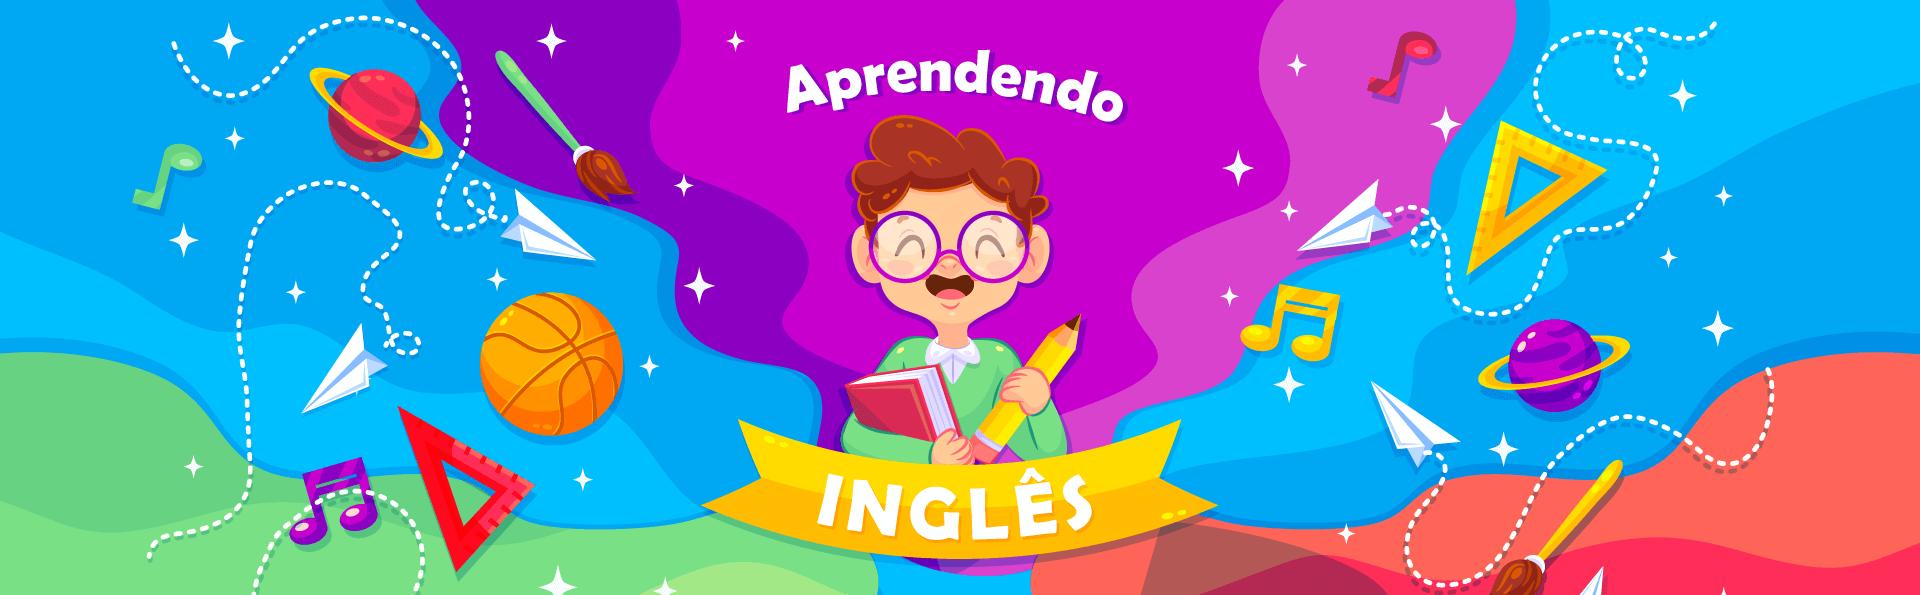 Aprendendo Ingles